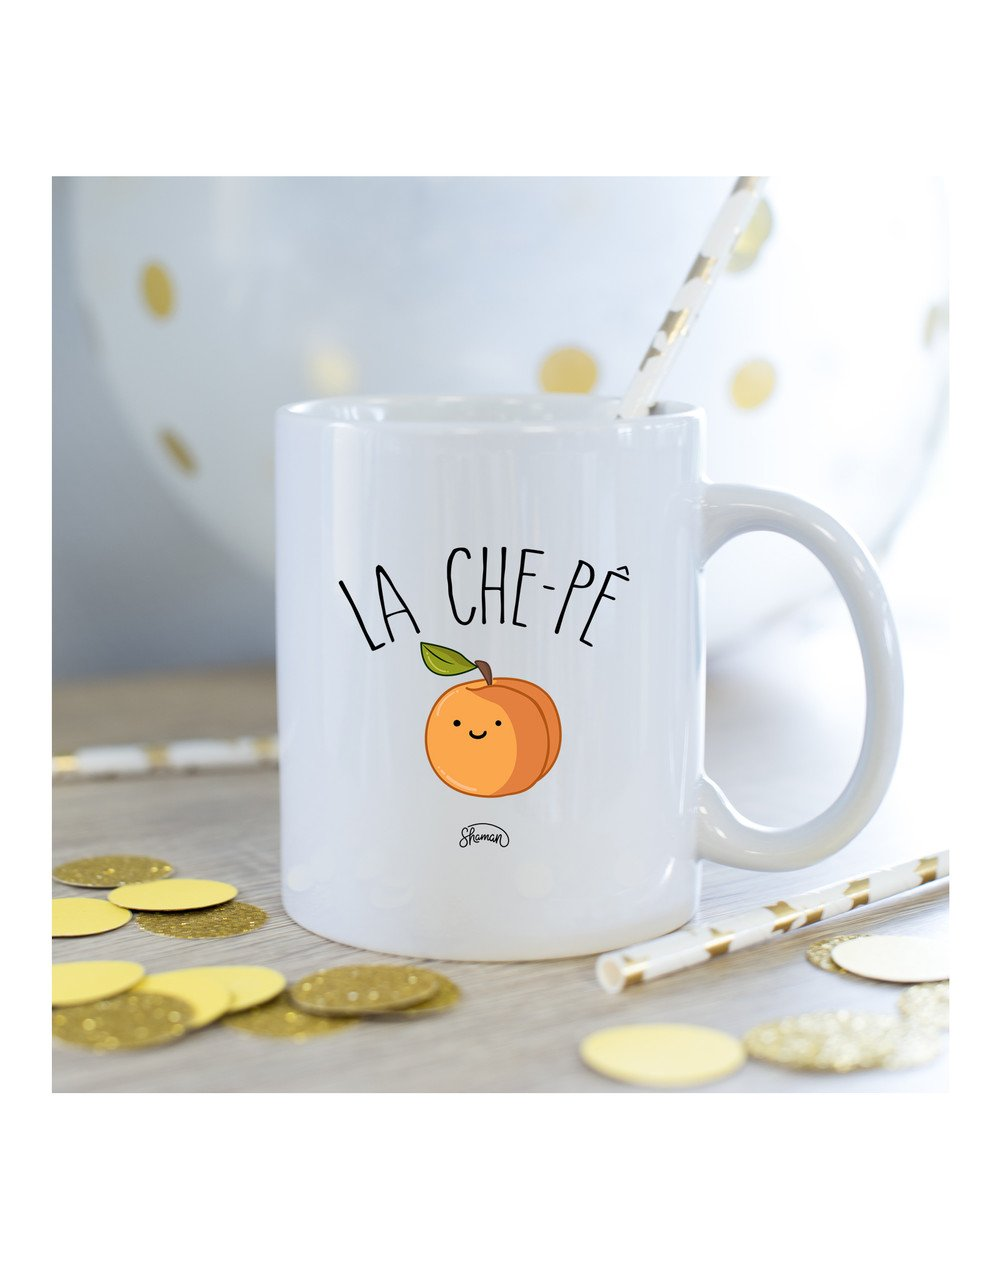 Mug La che-pé